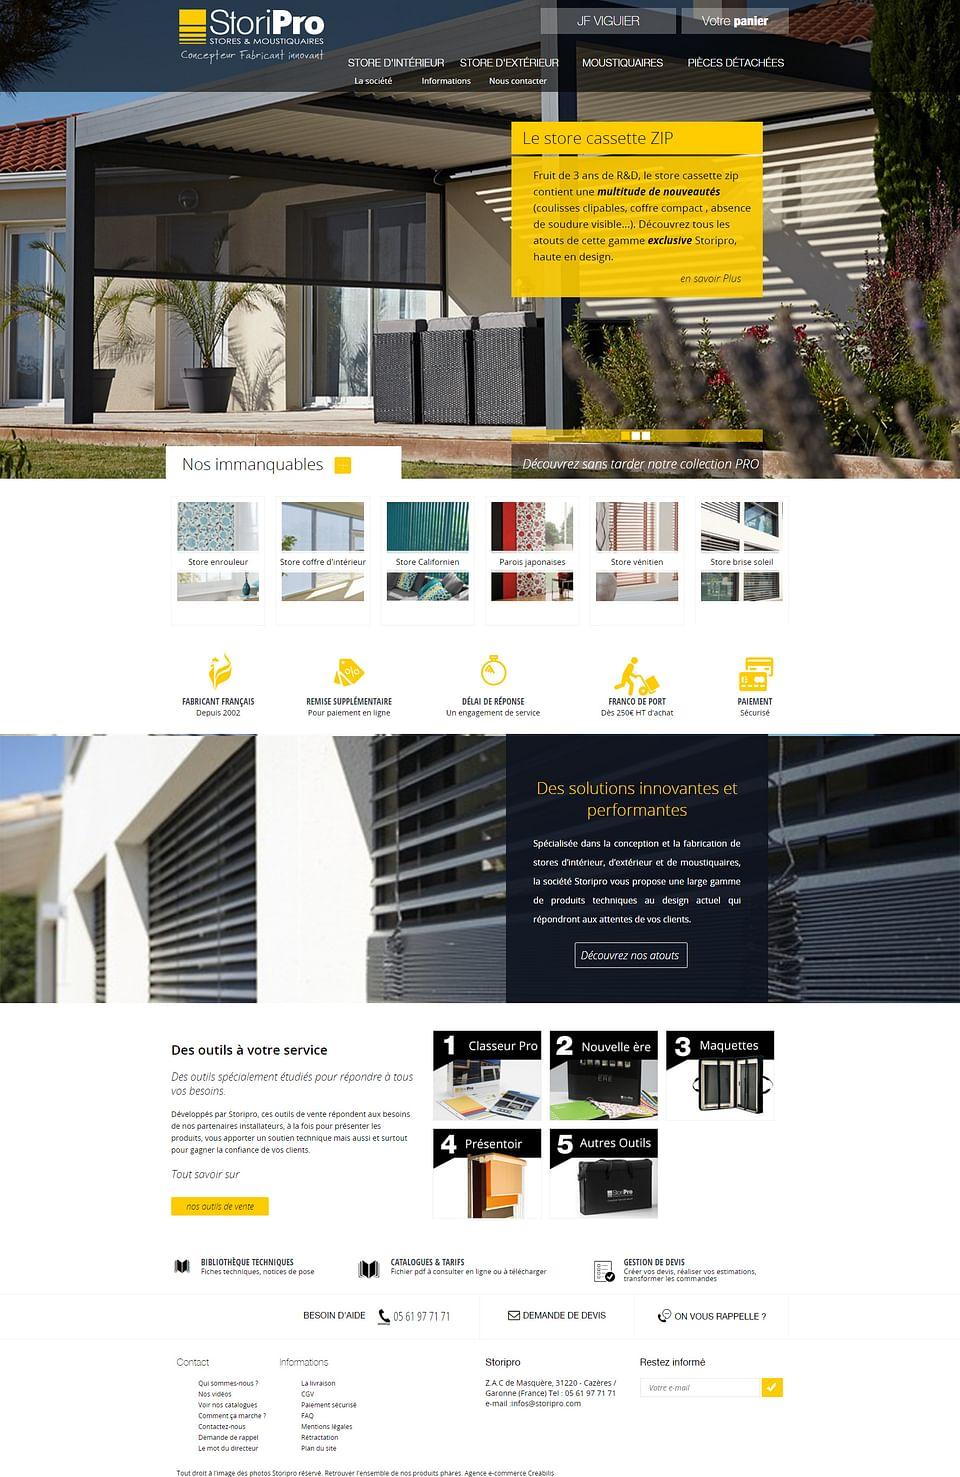 Site de vente en ligne B2B Storipro